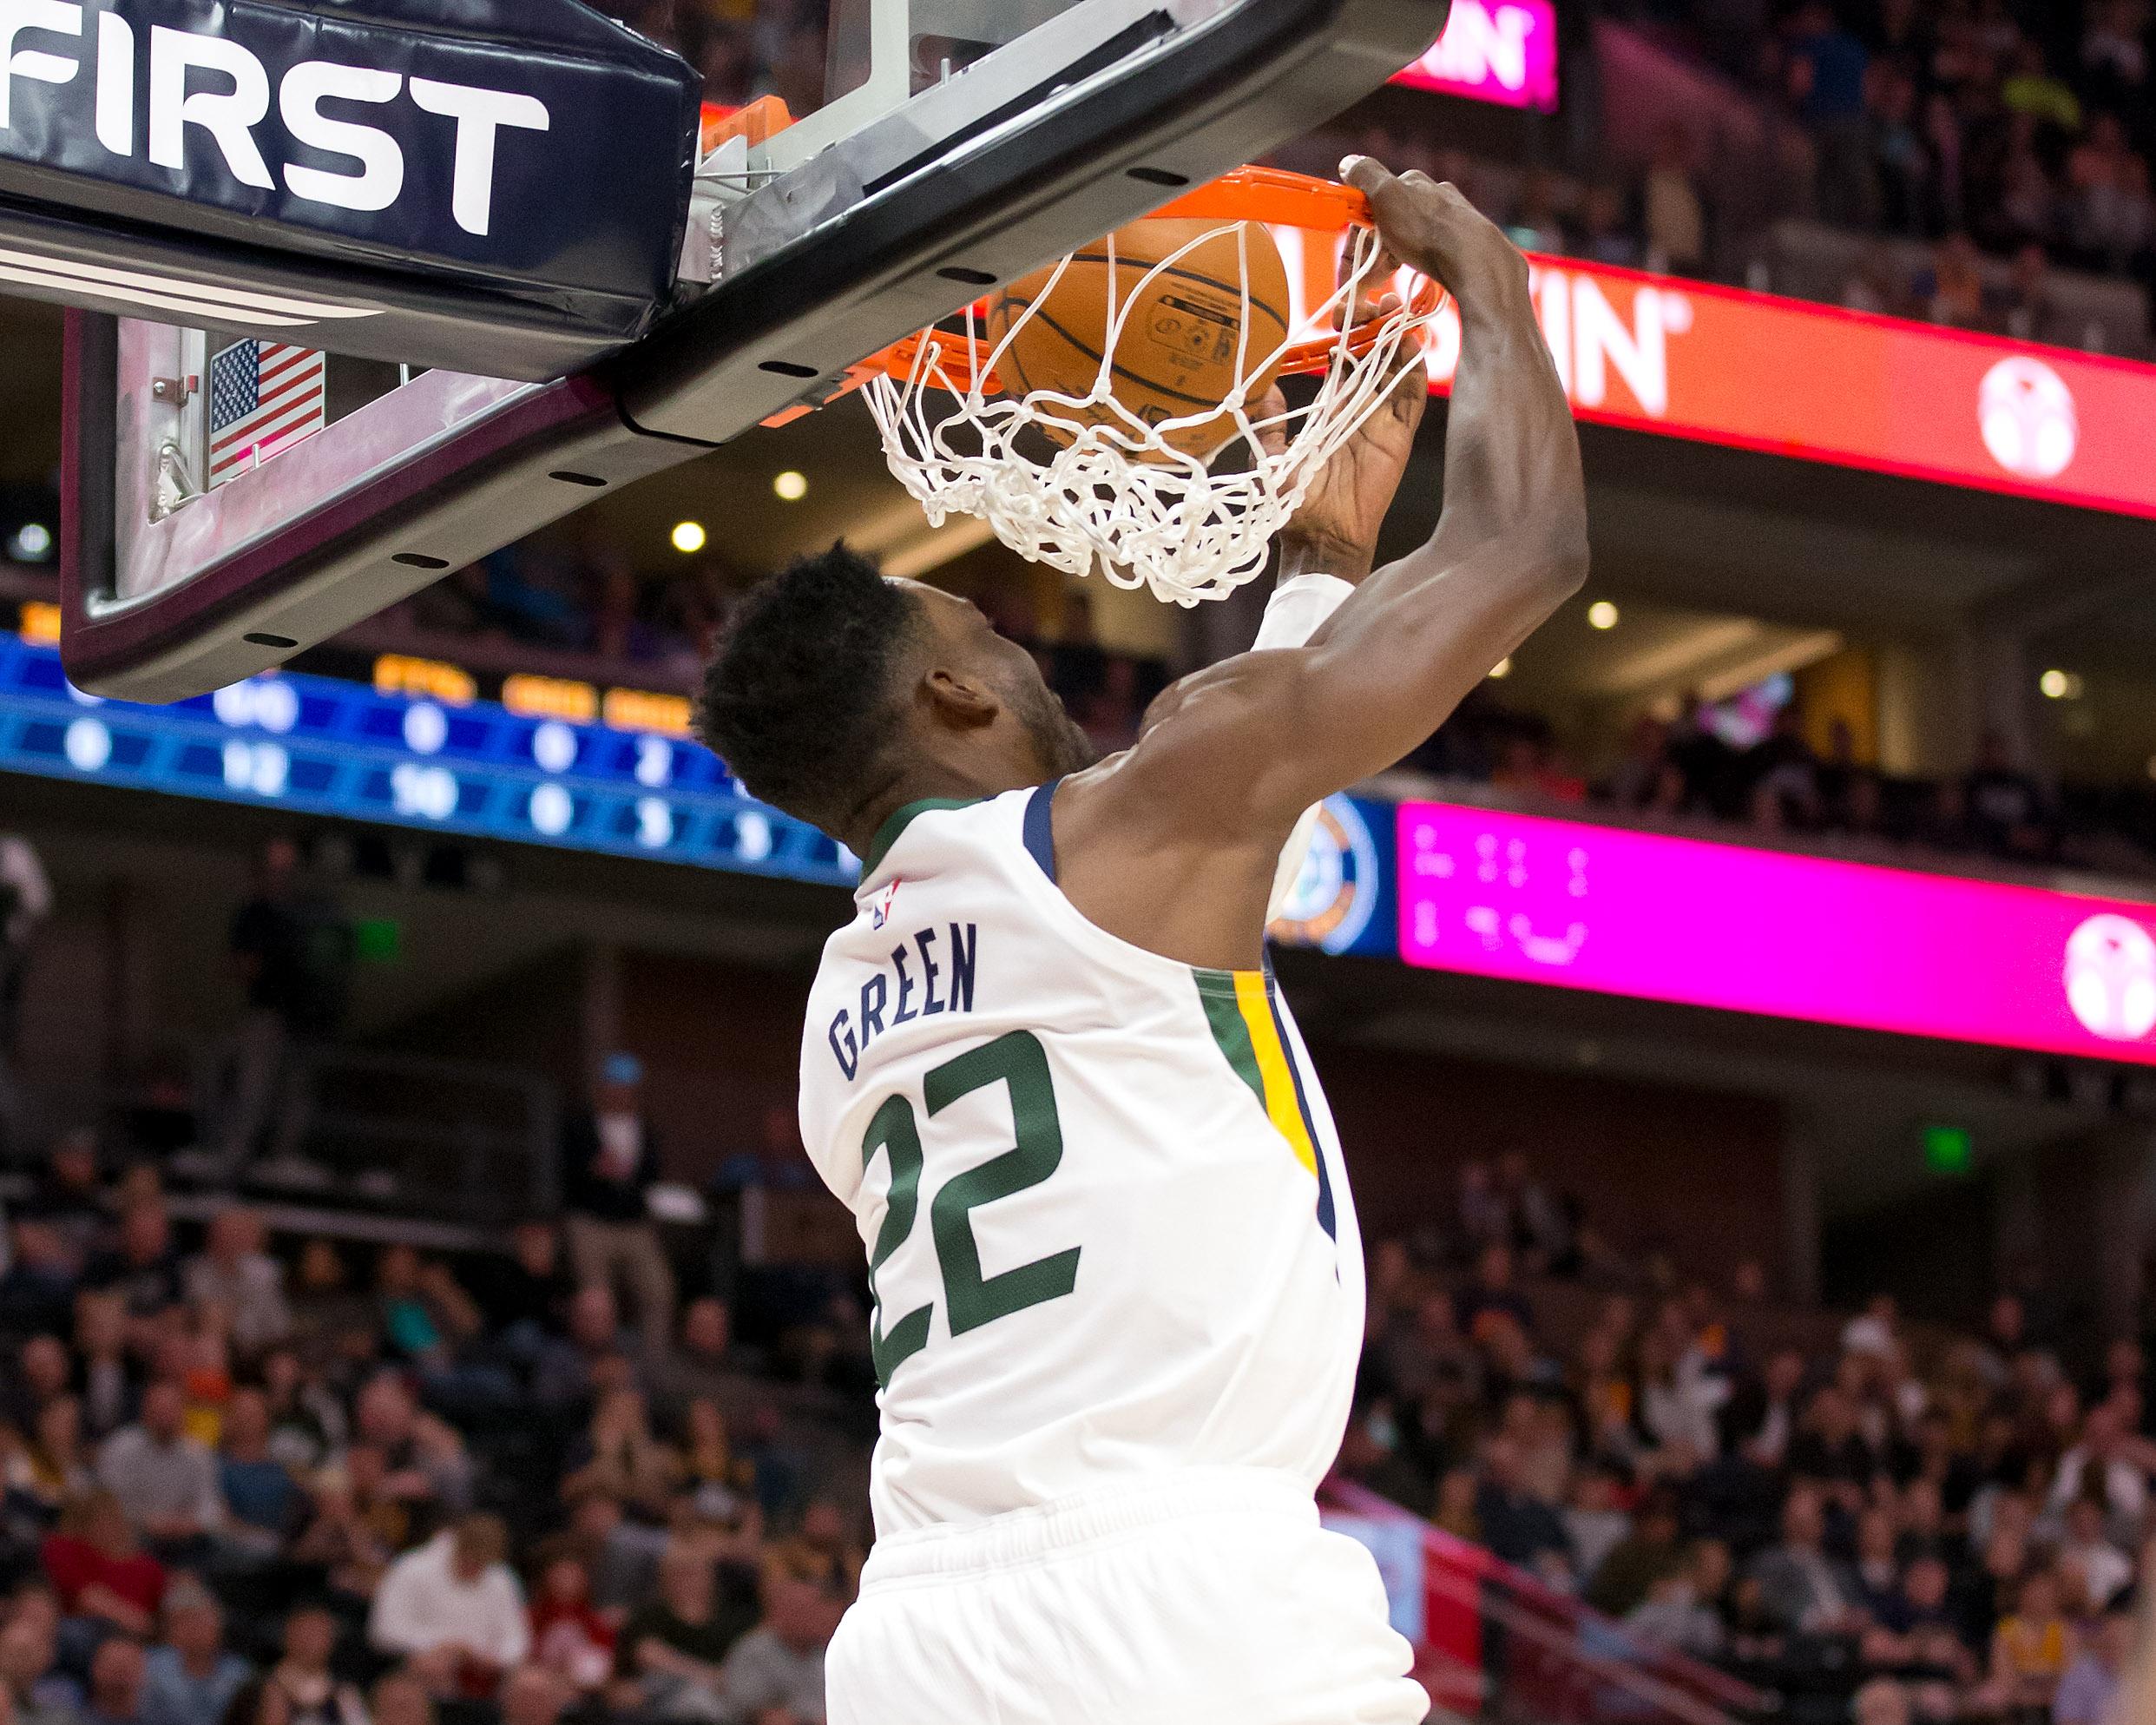 NBA: Preseason-Adelaide 36ers at Utah Jazz